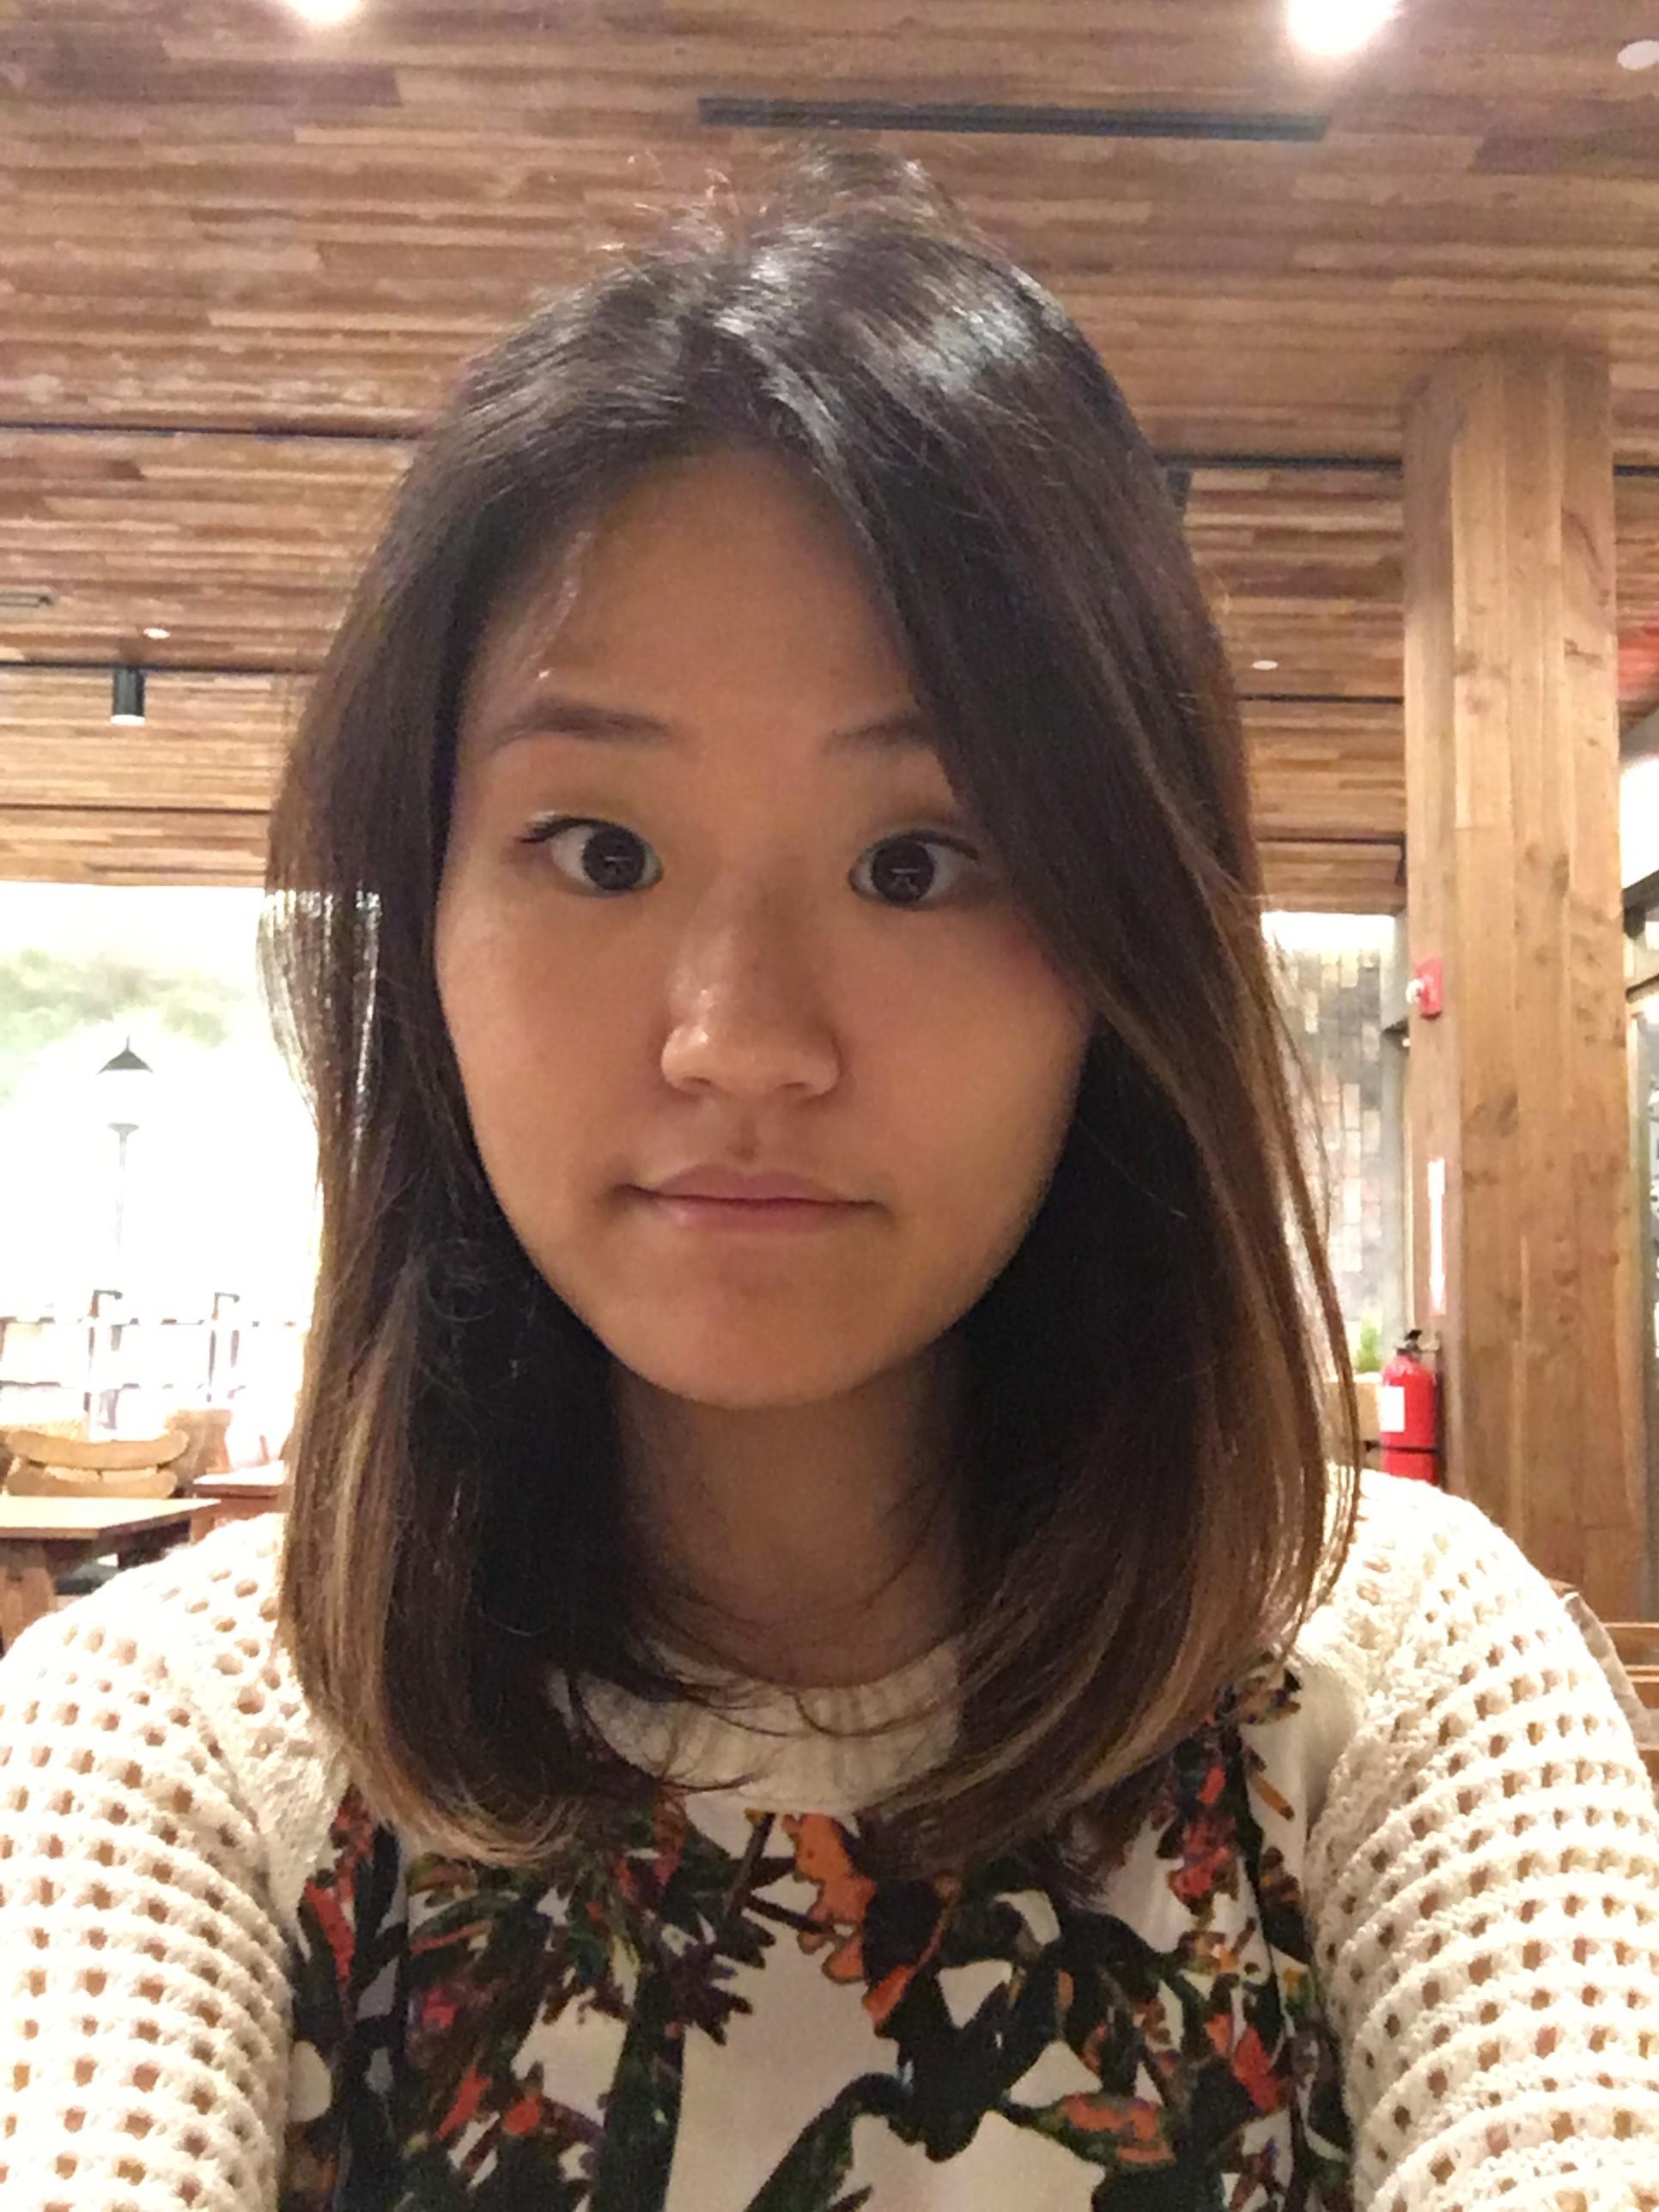 Manager, Jessica Mok